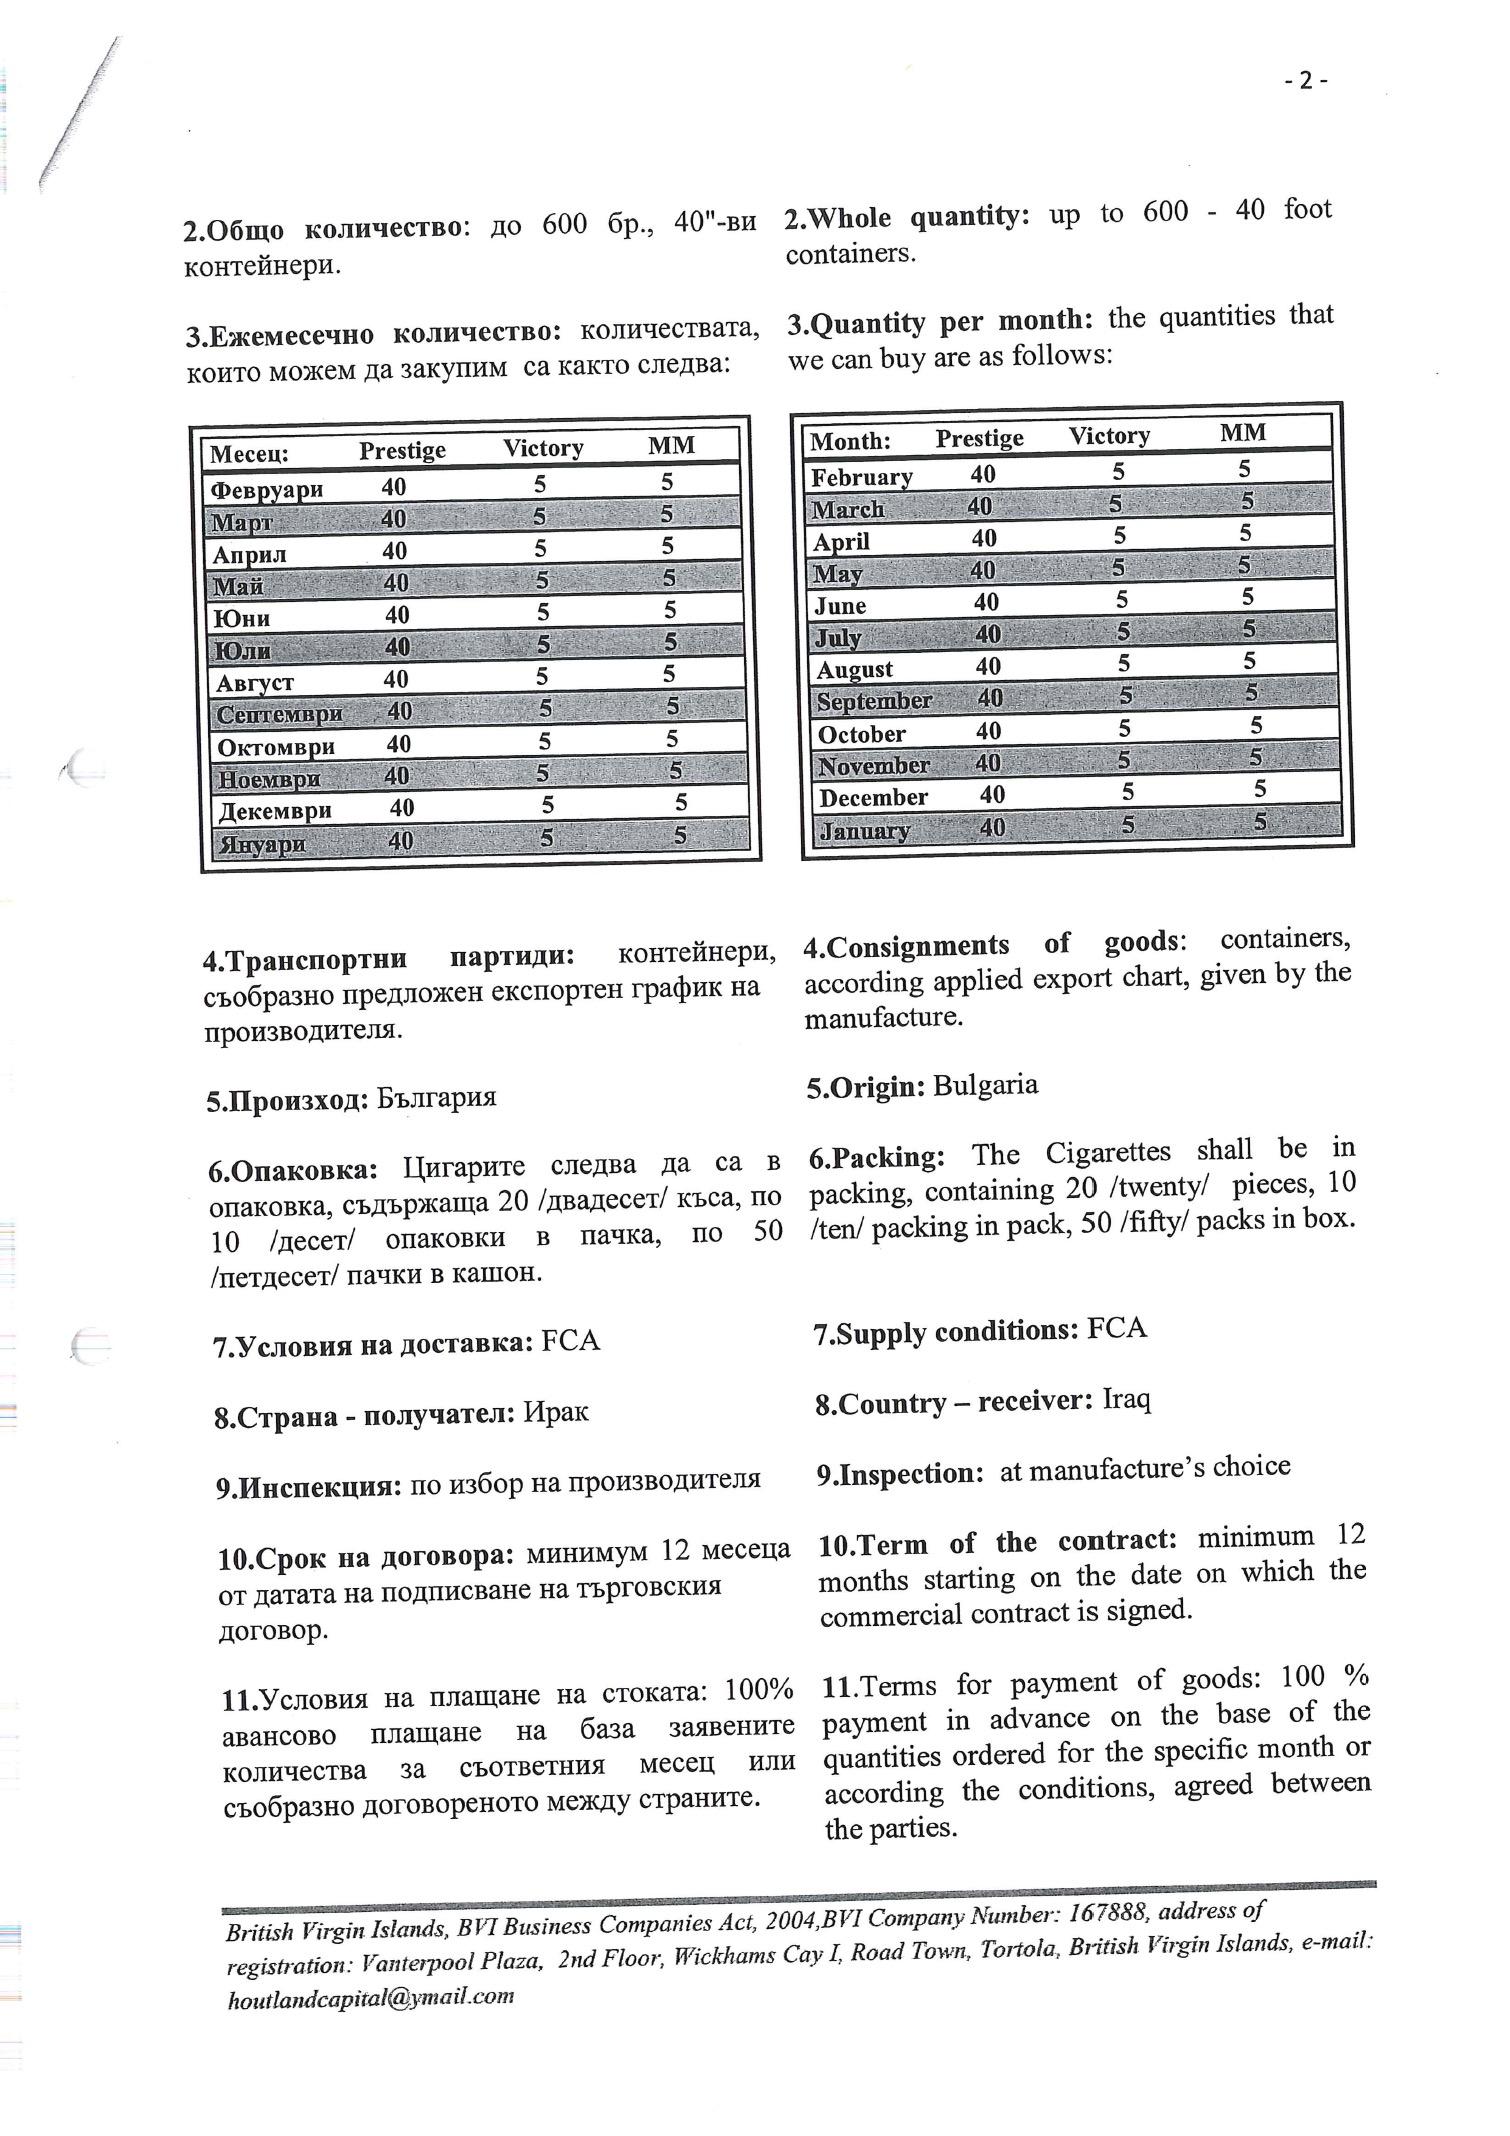 """Борисов е бил уведомен и е знаел какво се случва  """"Булгартабак"""" отказала да продава цигари на официални вносители в Азия и Африка"""